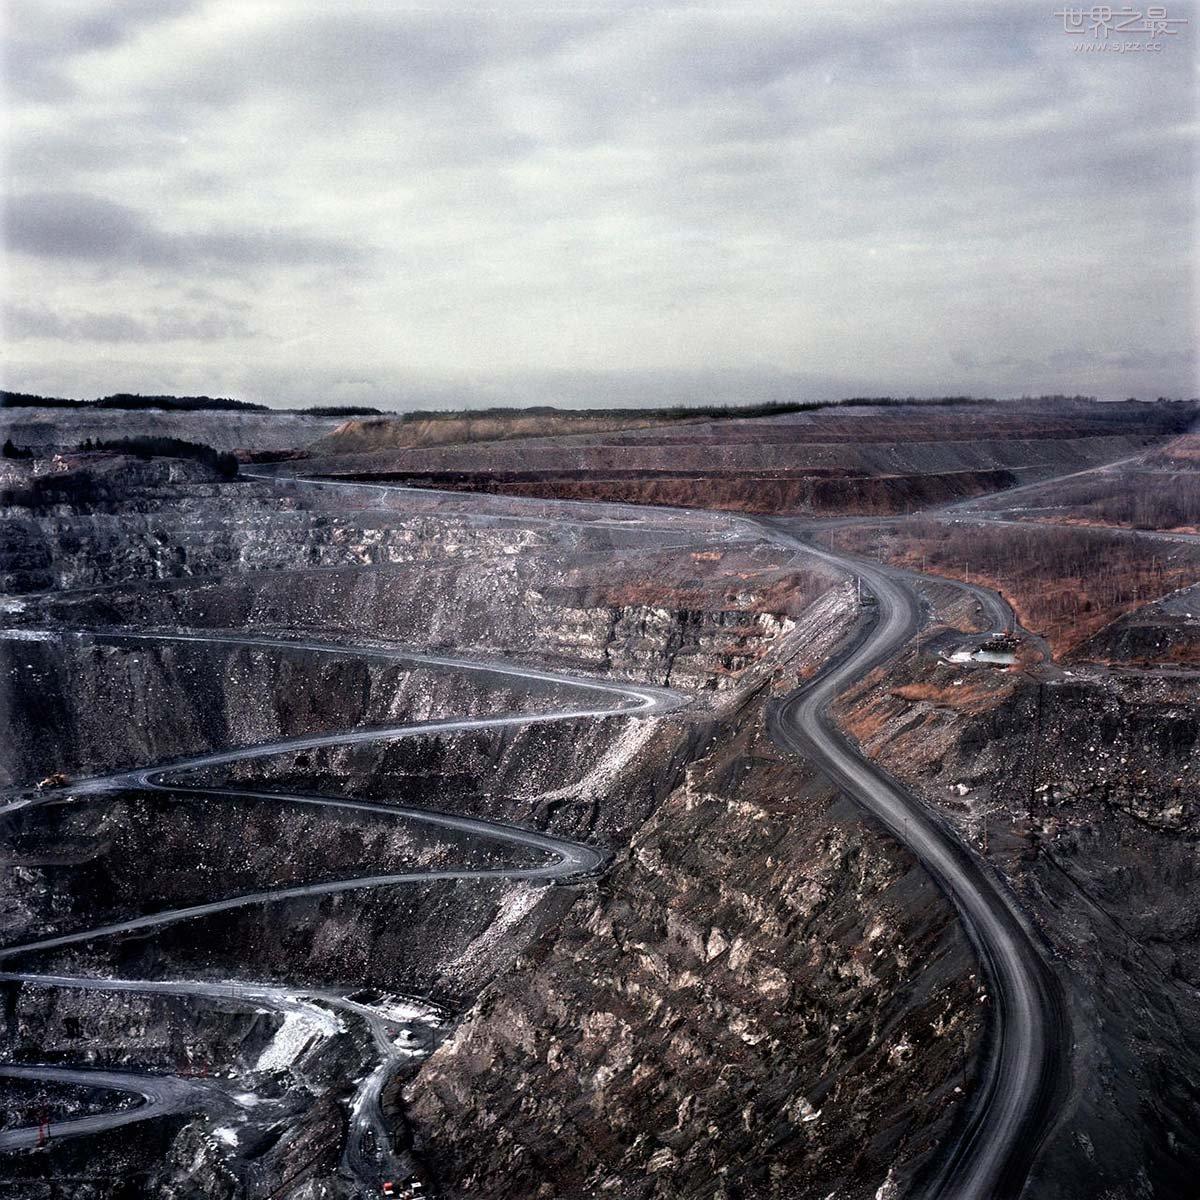 世界产石棉最多的国家也是世界上最大的产矿国